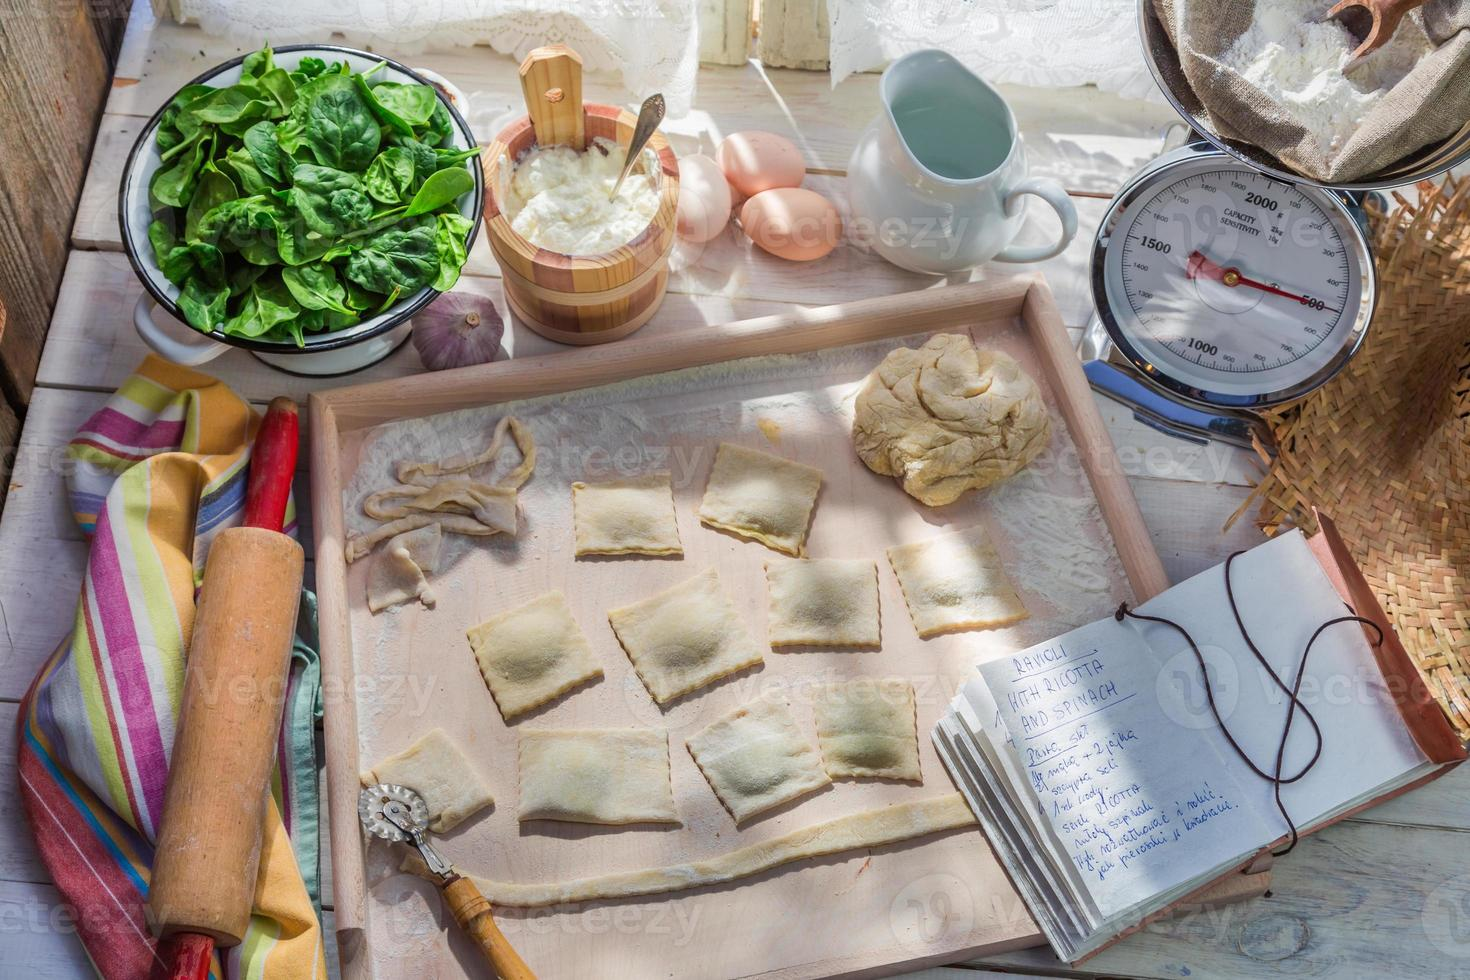 bereidingen voor ravioli gemaakt van ricotta en spinazie foto